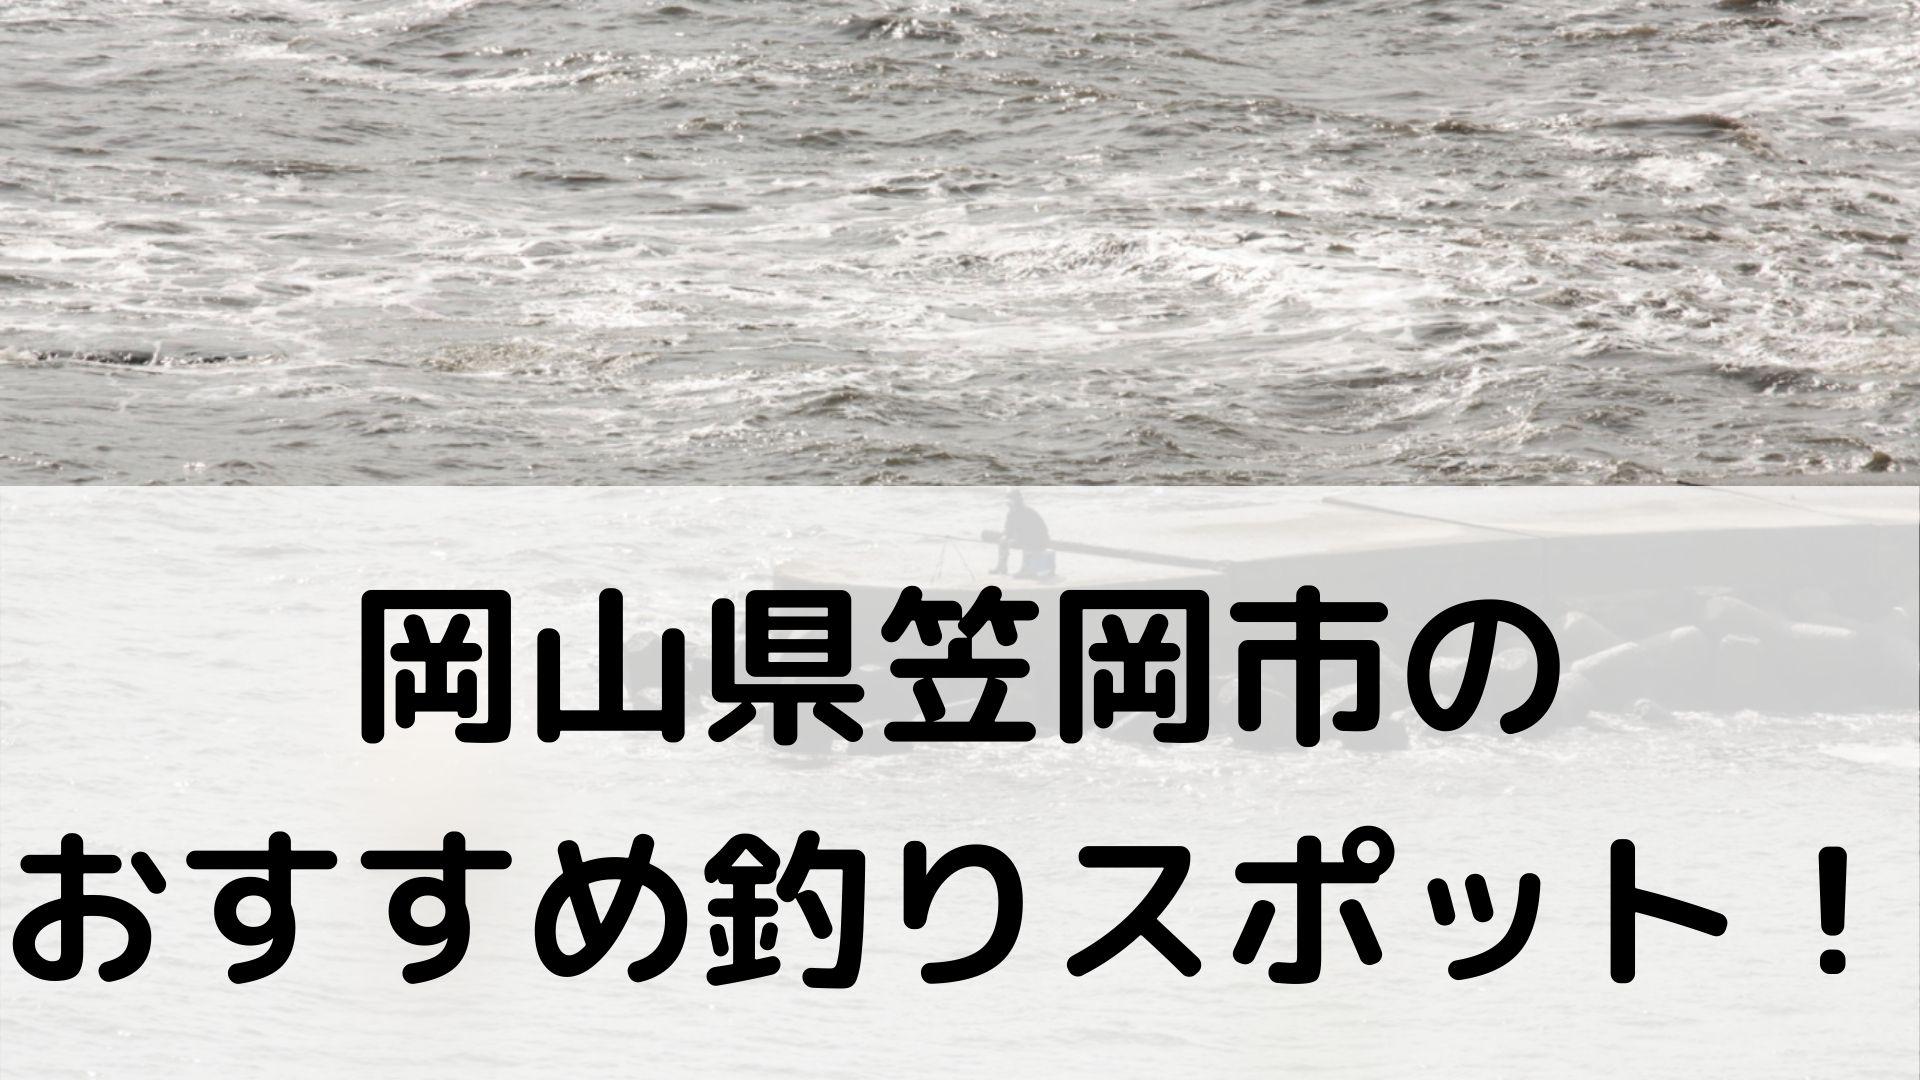 岡山県笠岡市のおすすめ釣りスポットに関する参考画像